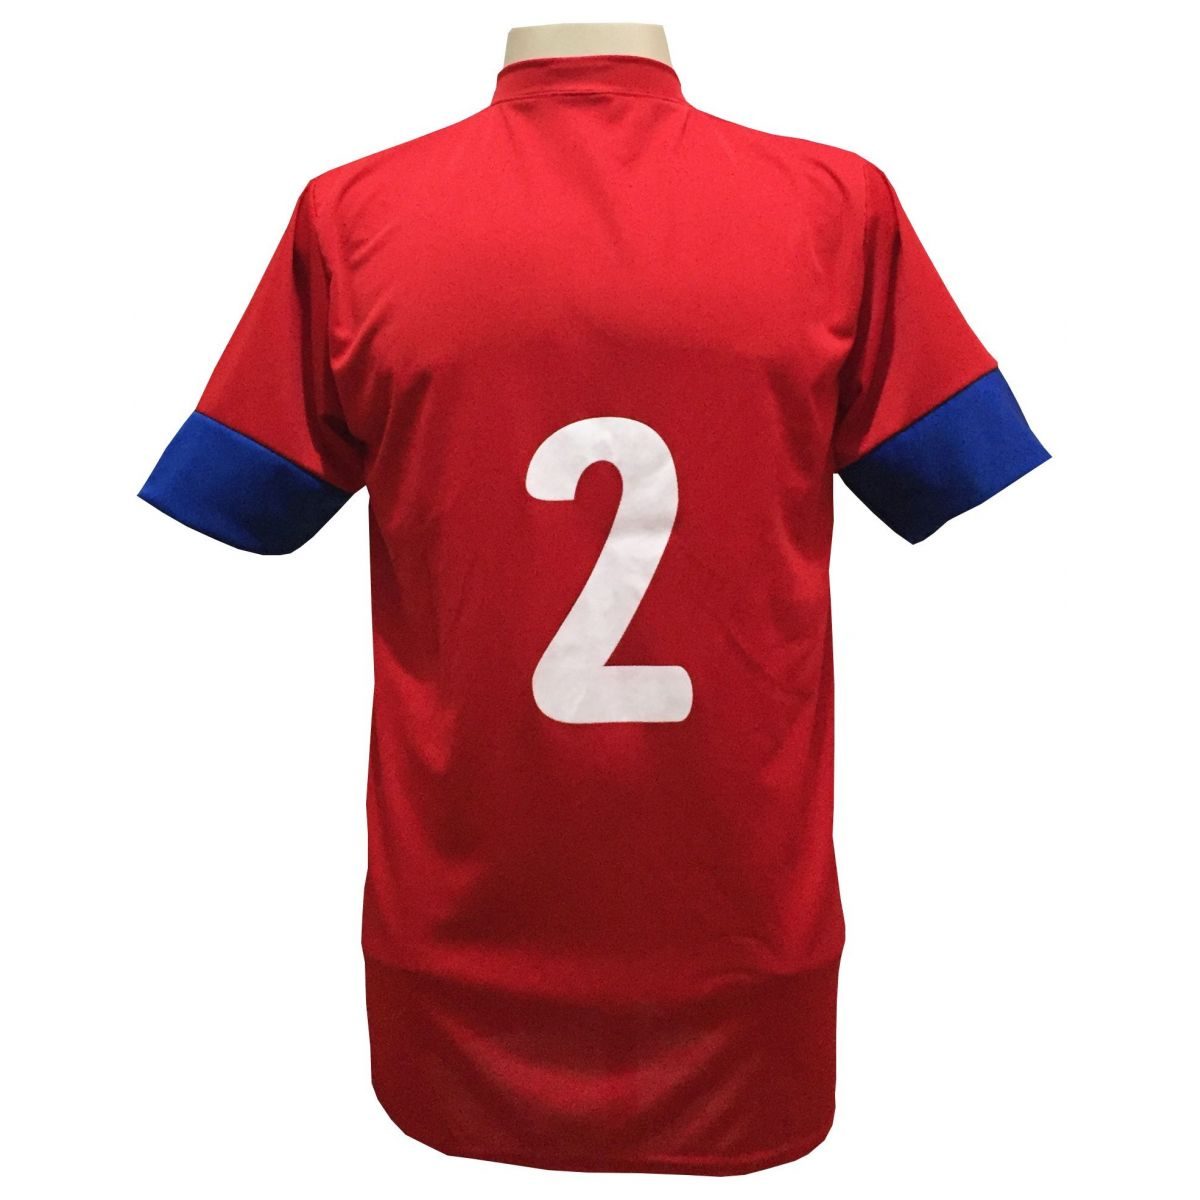 Fardamento Completo Modelo Columbus 18+1 (18 Camisas Vermelho/Royal + 18 Calções Madrid Vermelho + 18 Pares de Meiões Vermelhos + 1 Conjunto de Goleiro) + Brindes